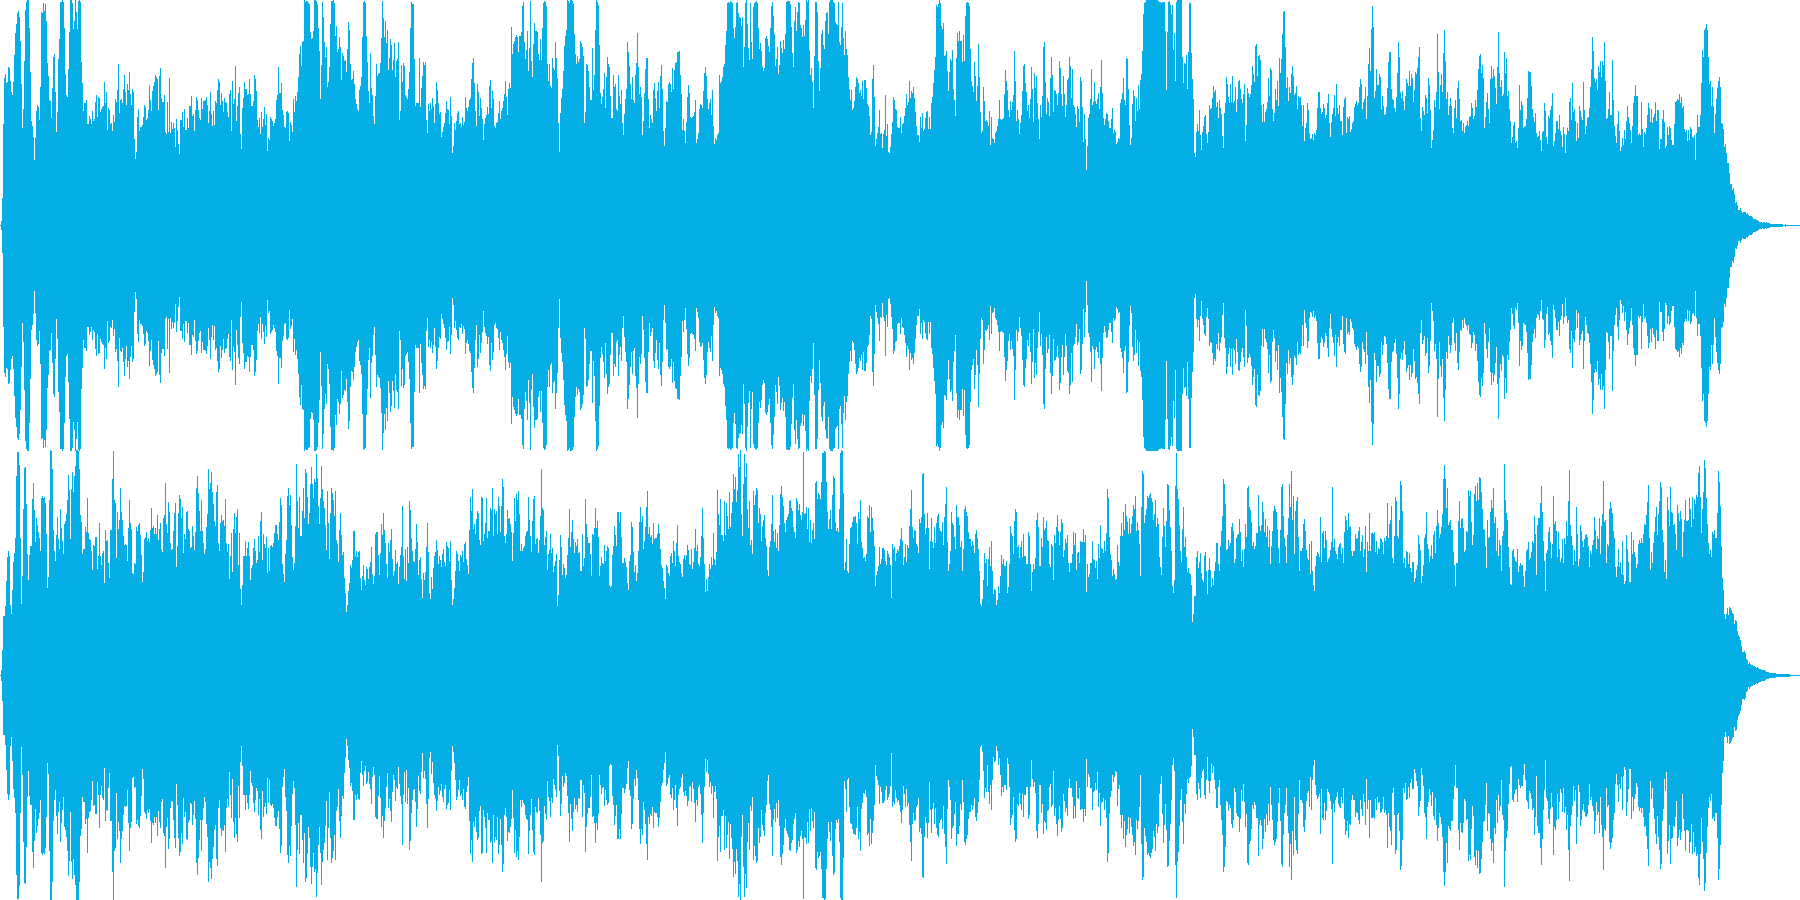 「明けの明星」という言葉からイメージし…の再生済みの波形